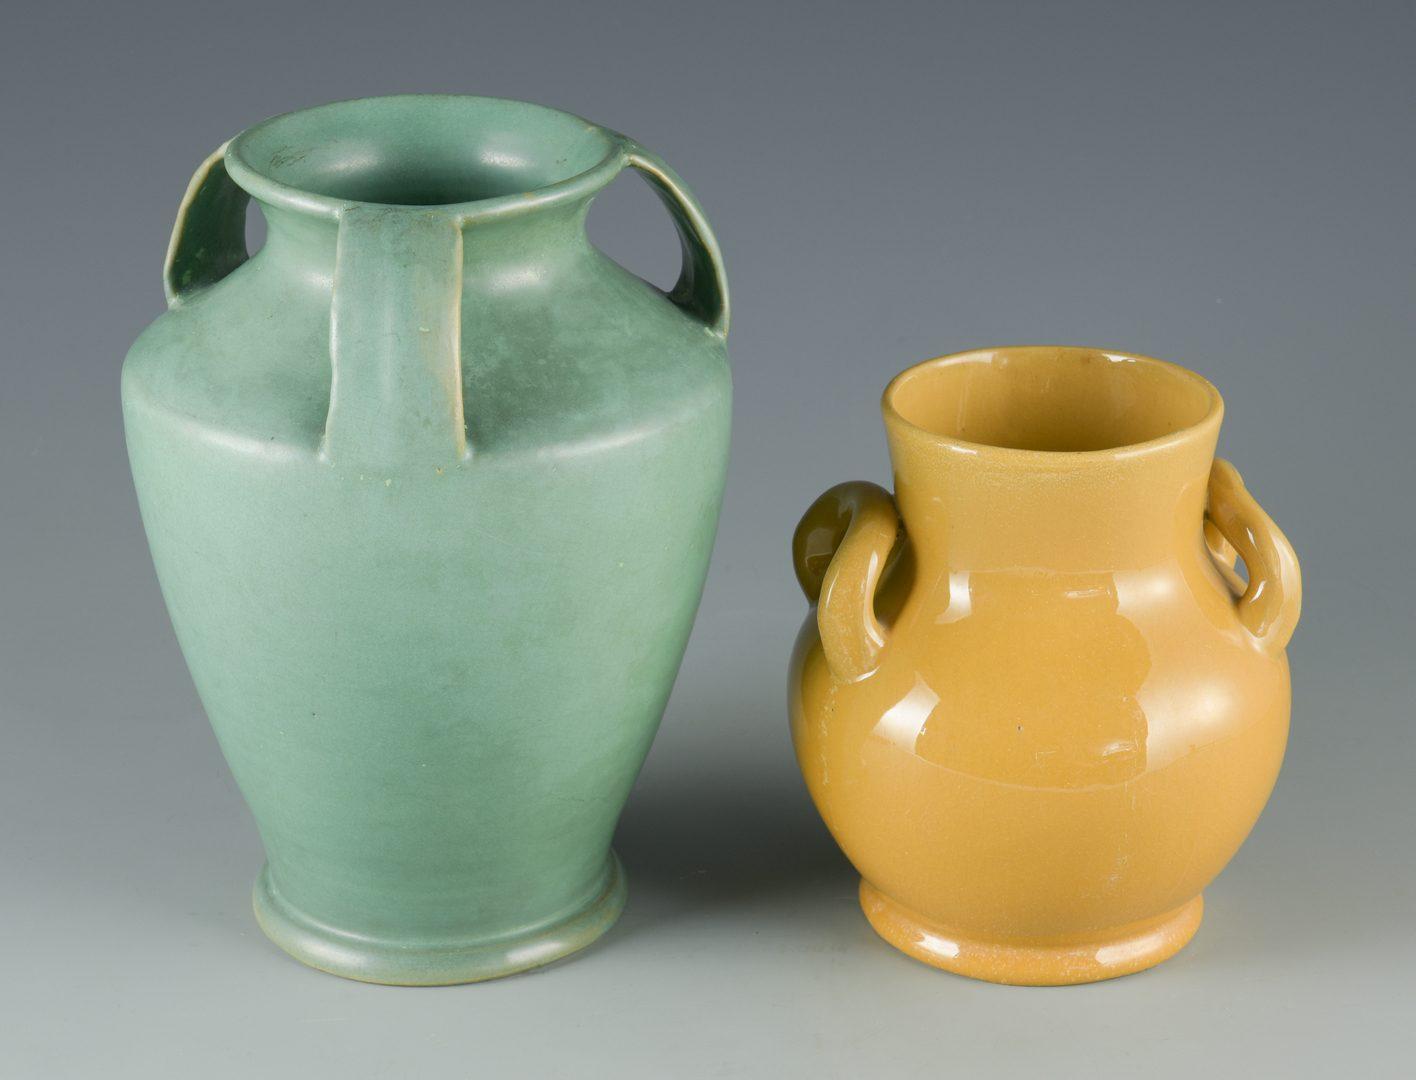 Lot 71: 2 Bybee/Waco Art Pottery Vases